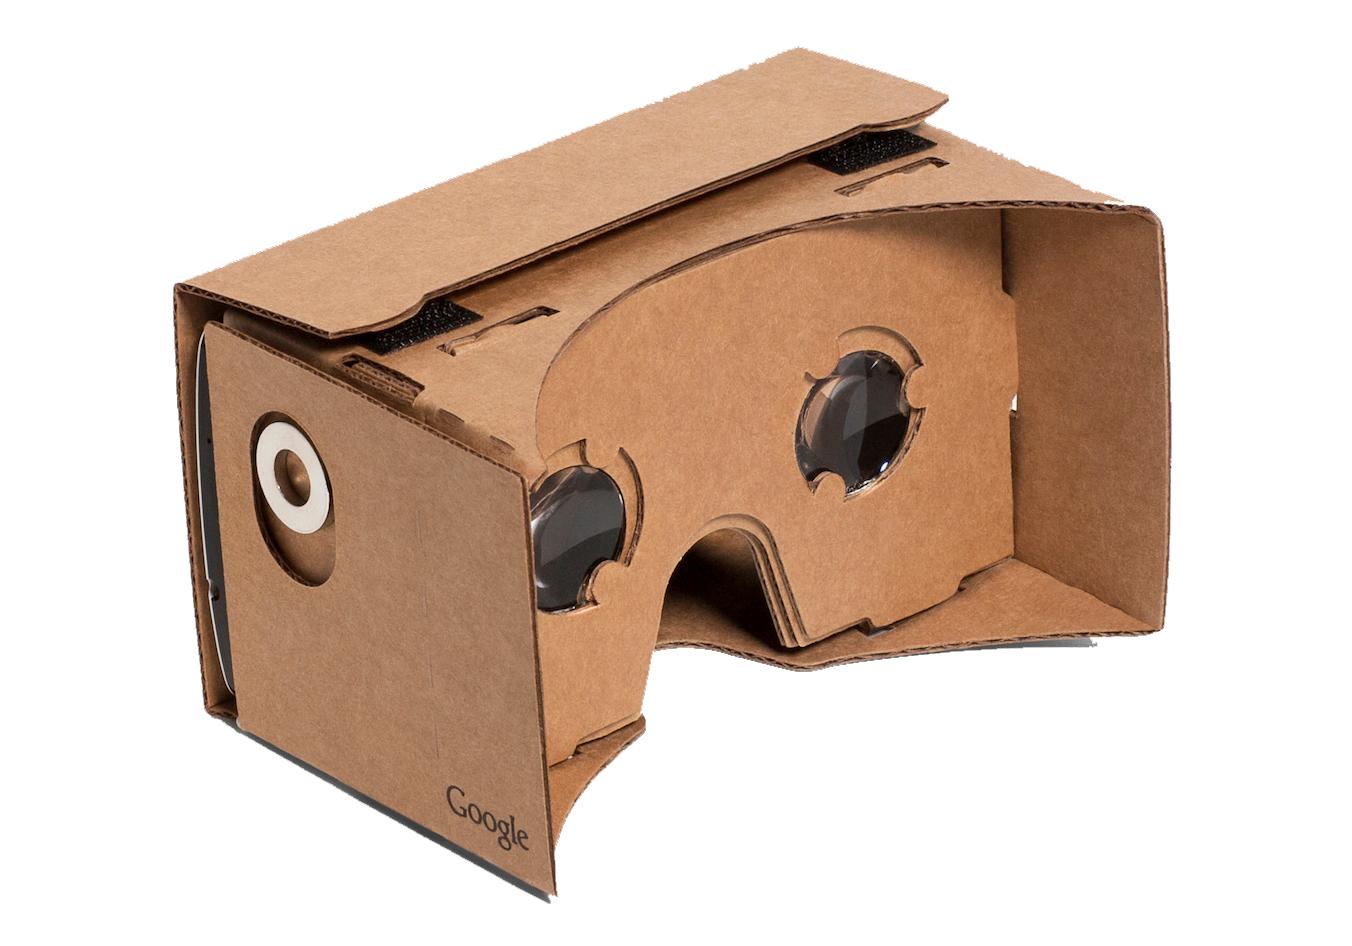 Google_Cardboard_l